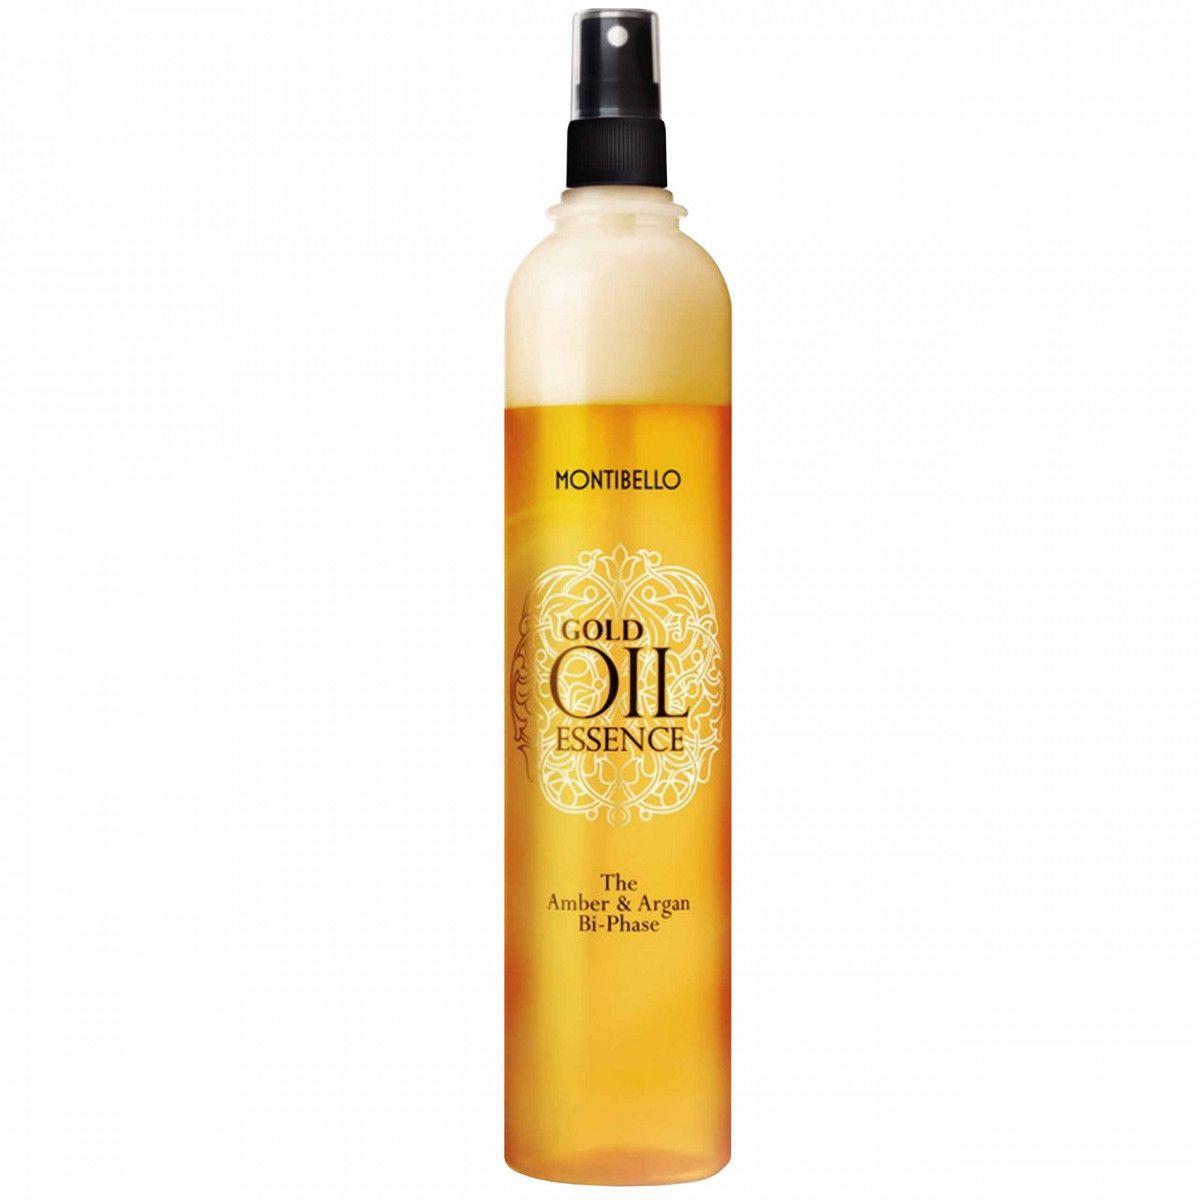 Montibello Gold Oil Essence, odżywka dwufazowa, wygładza, nawilża i wzmacnia 400ml